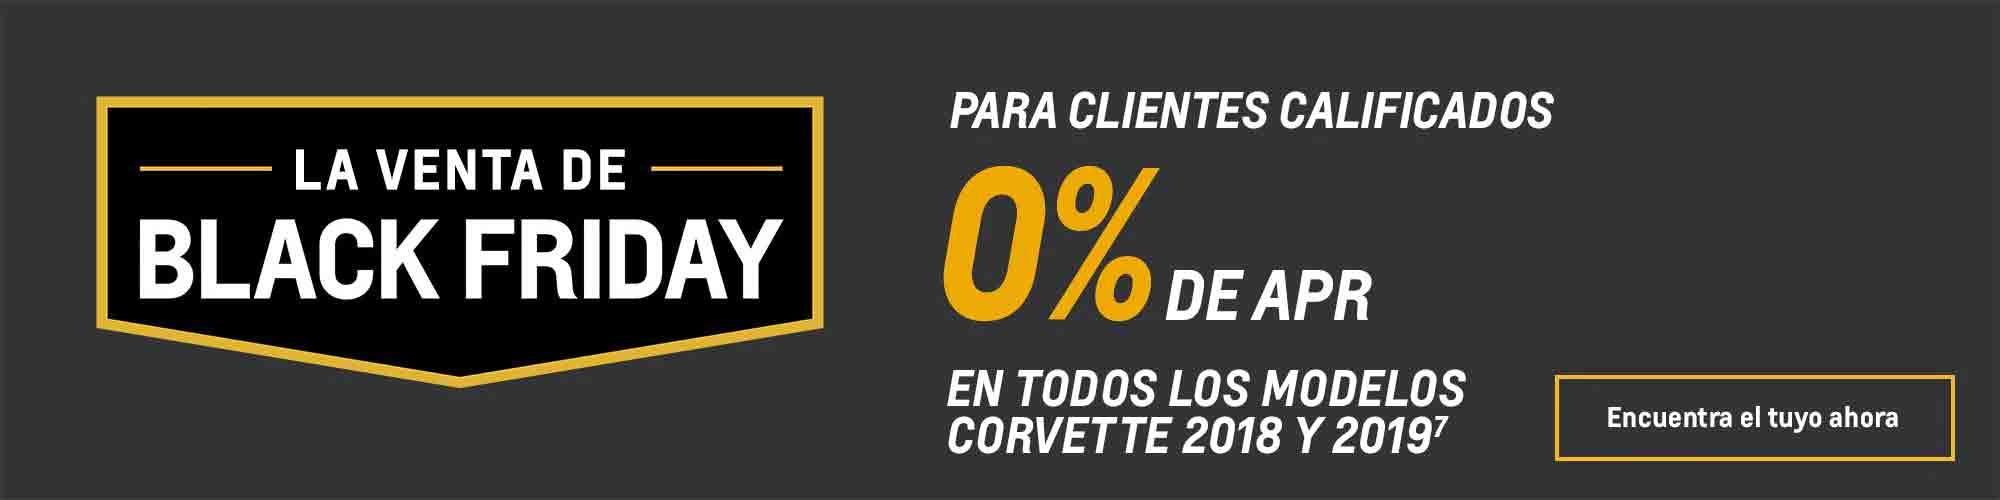 Ofertas Black Friday de Chevy: Corvette: 0% de APR